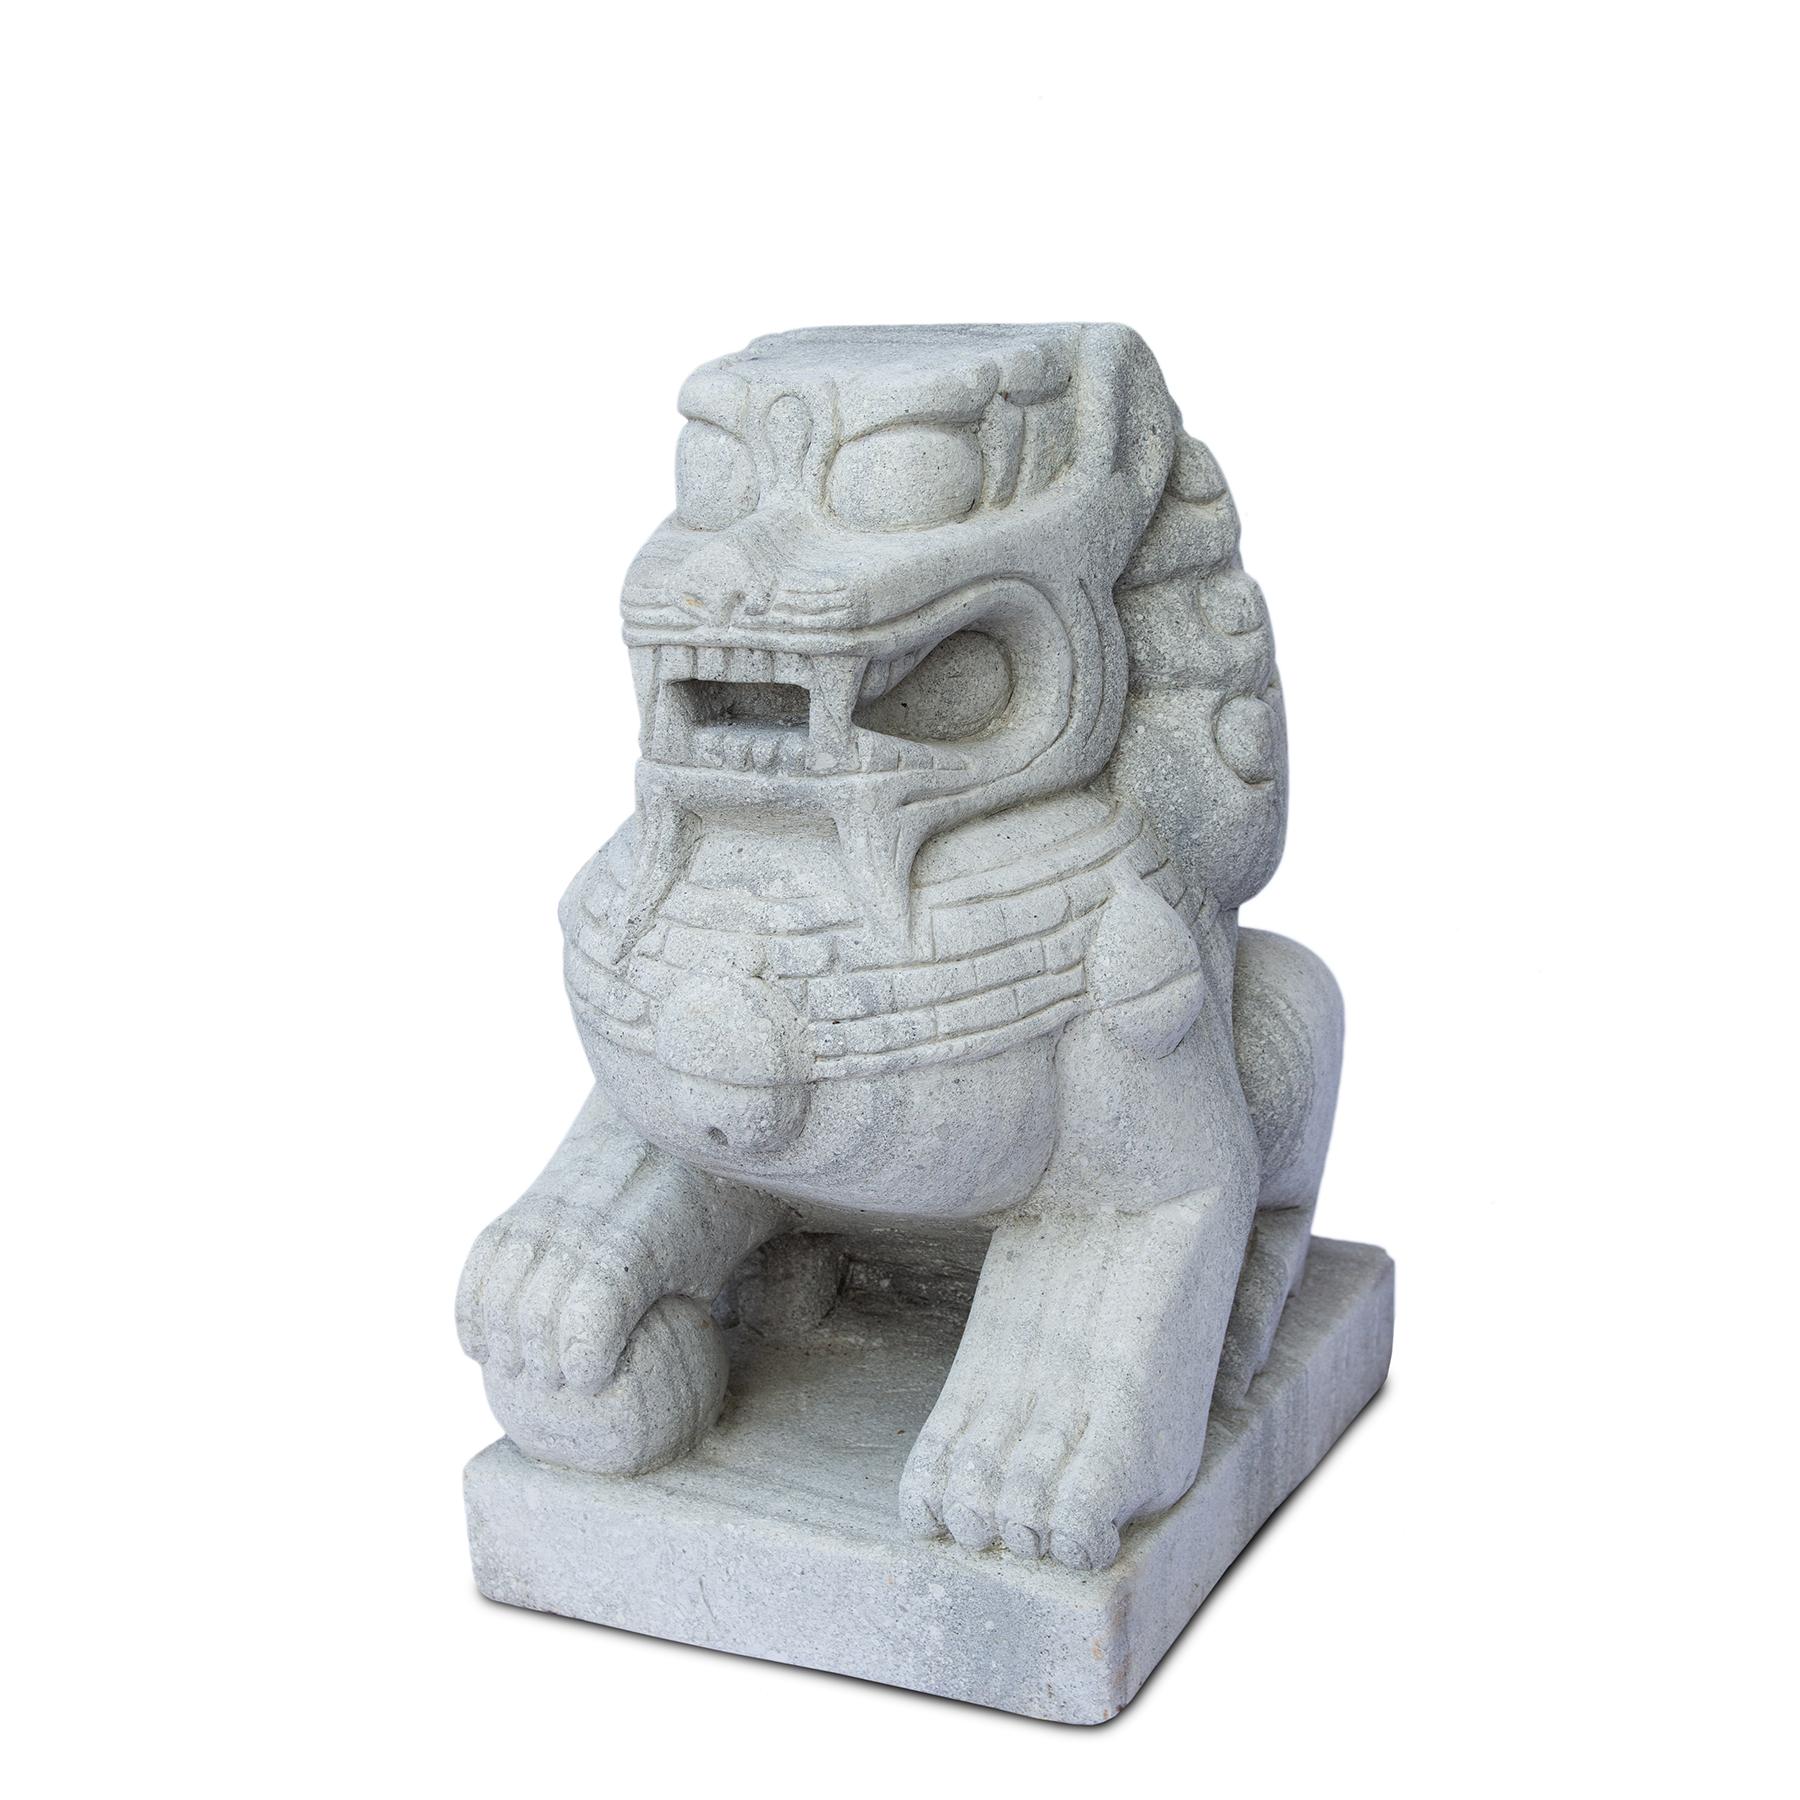 Fu Hund Wächterlöwe Skulptur Tempelwächter Rechts ca. 64 cm Wetterfest Stein-Gemisch massiv Grau – Bild 1